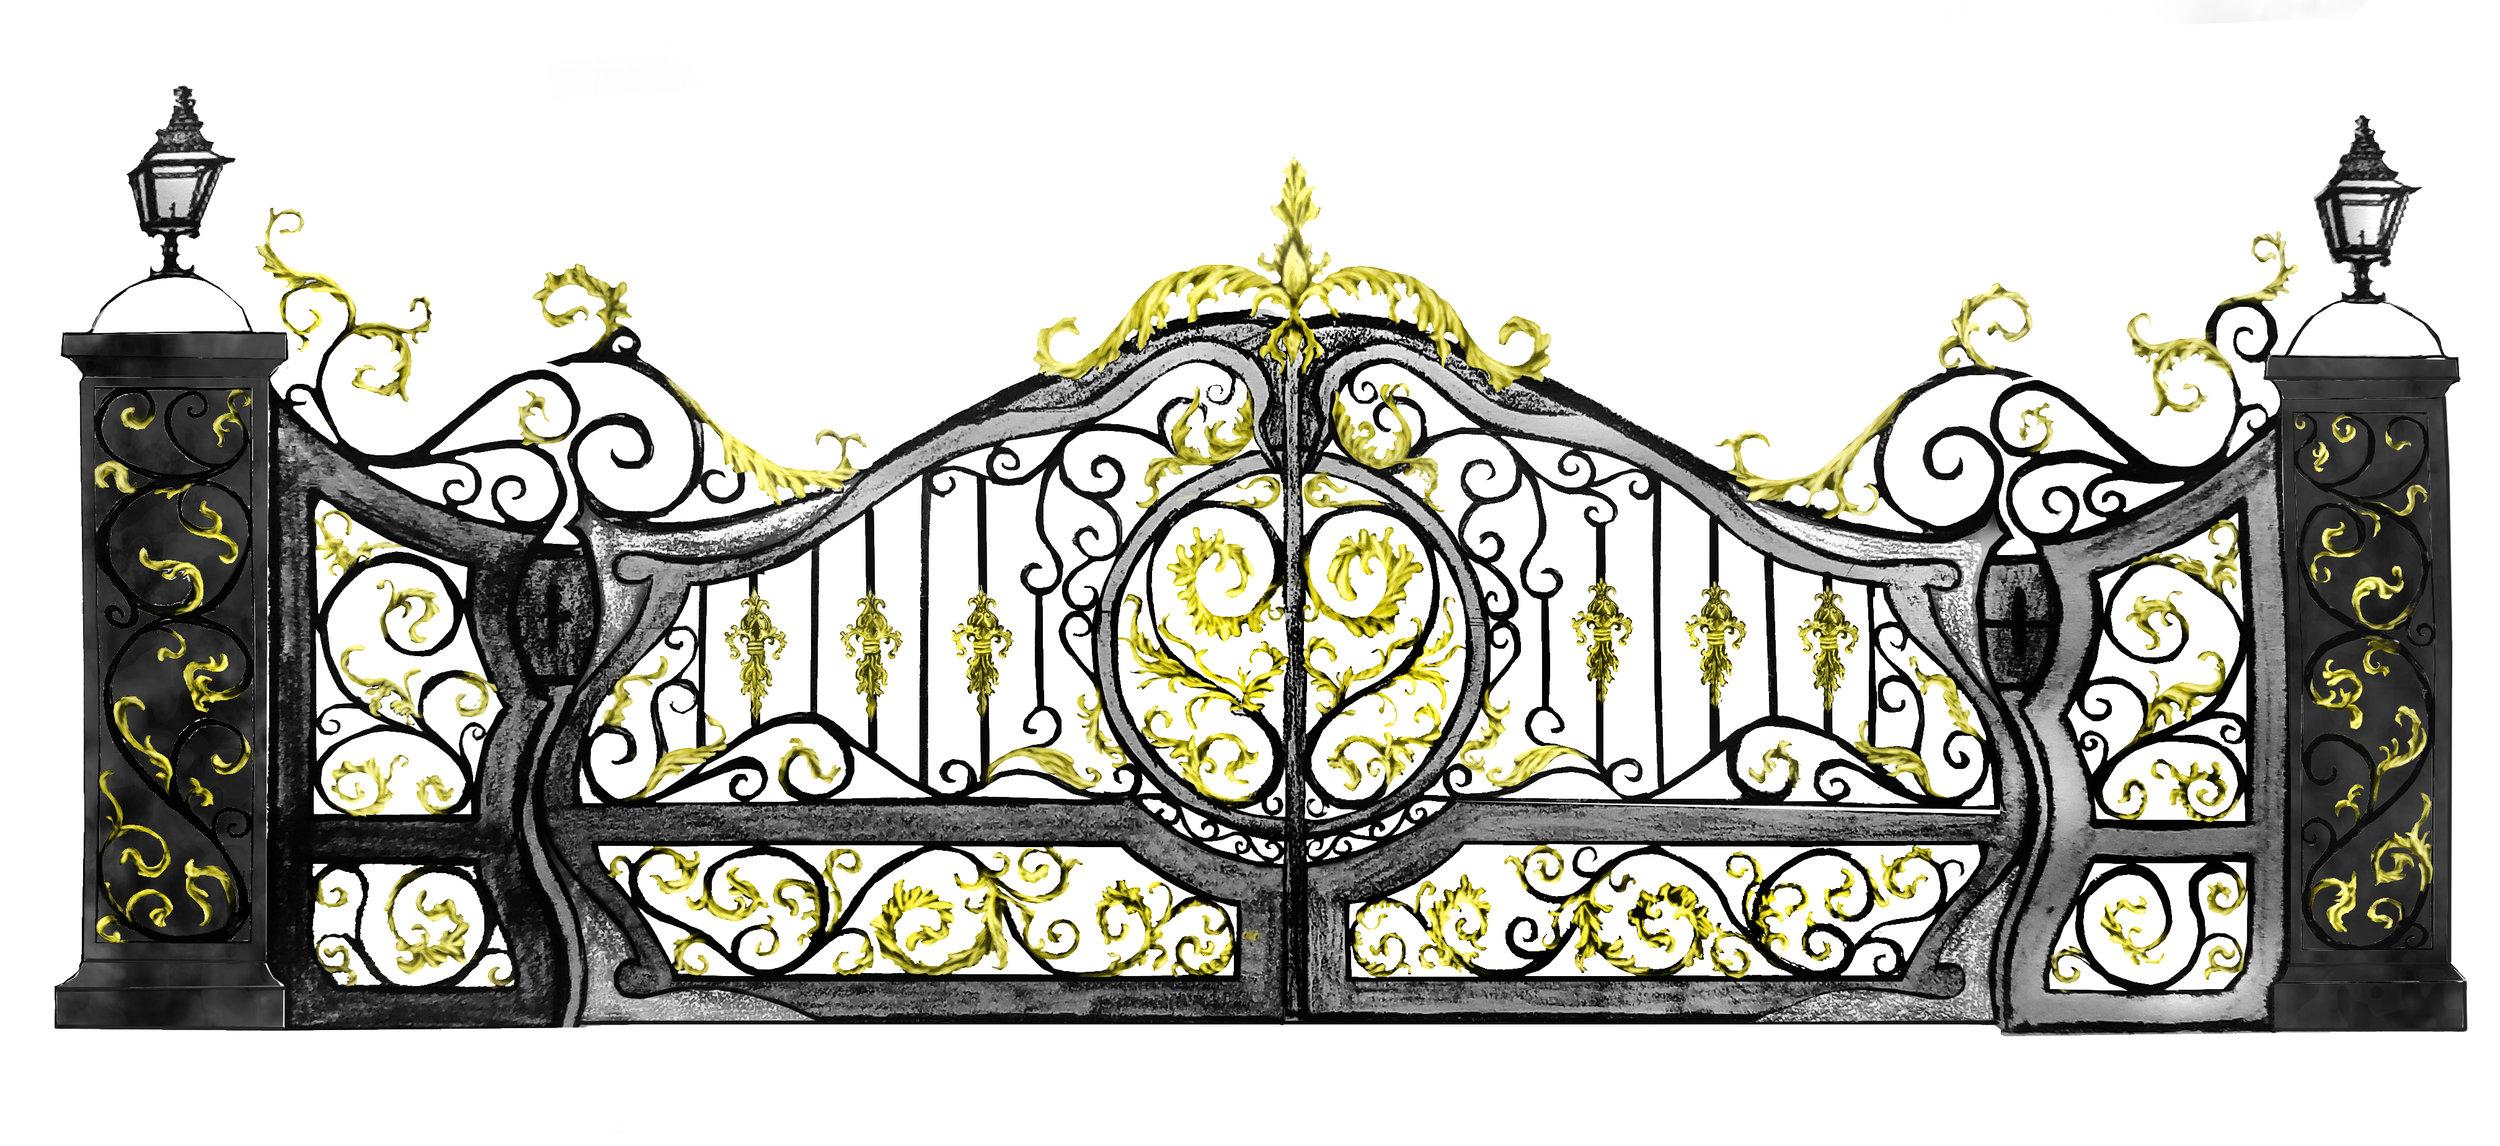 Gate Final.jpg